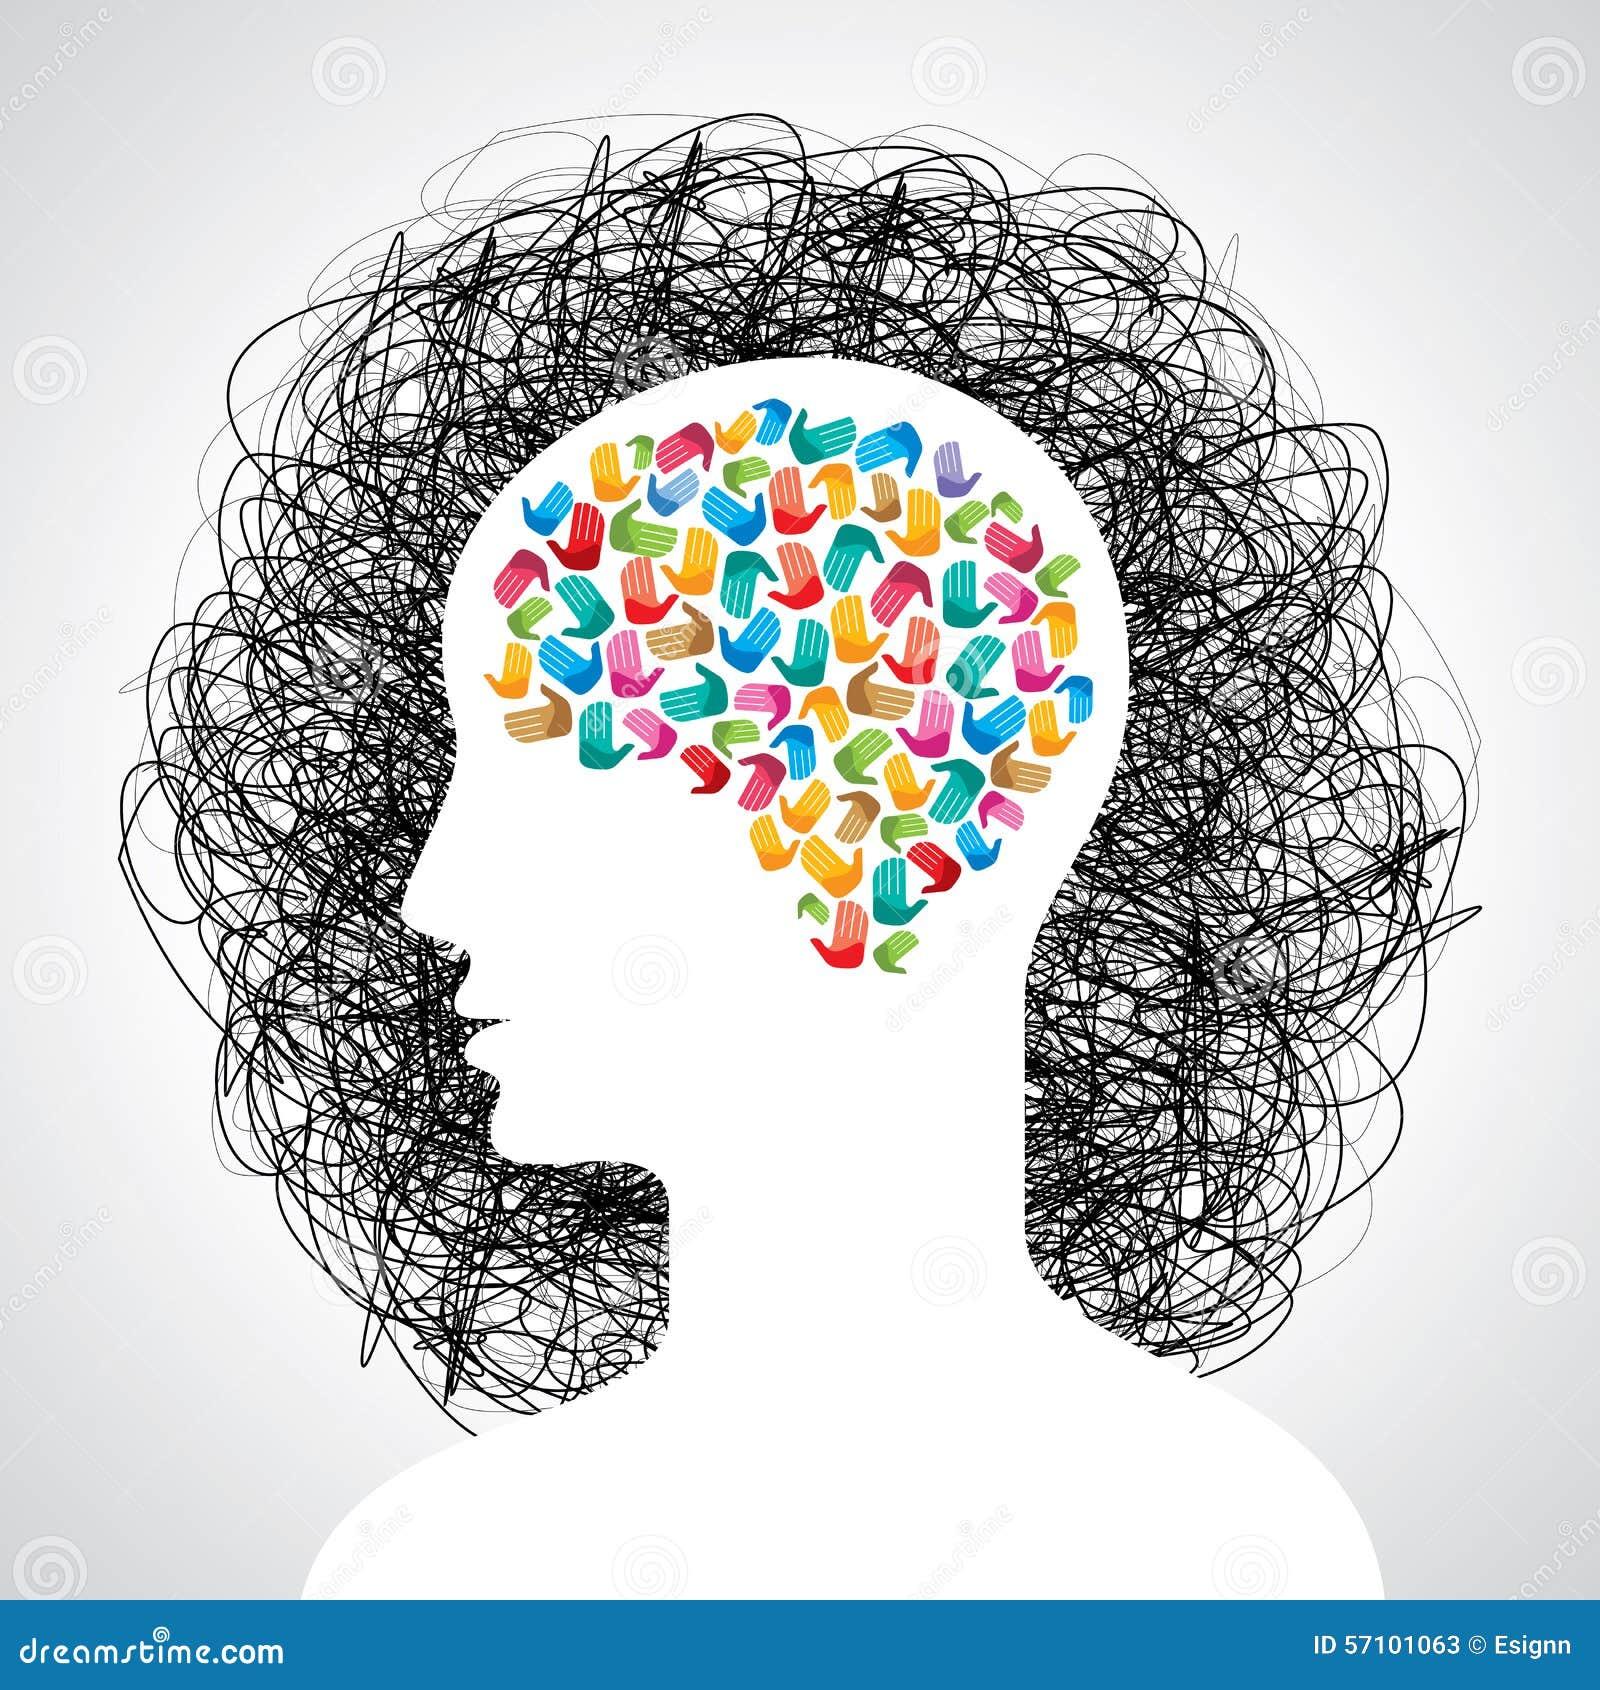 Gehirn Mit Vielen Händen Kreative Idee Vektor Abbildung ...